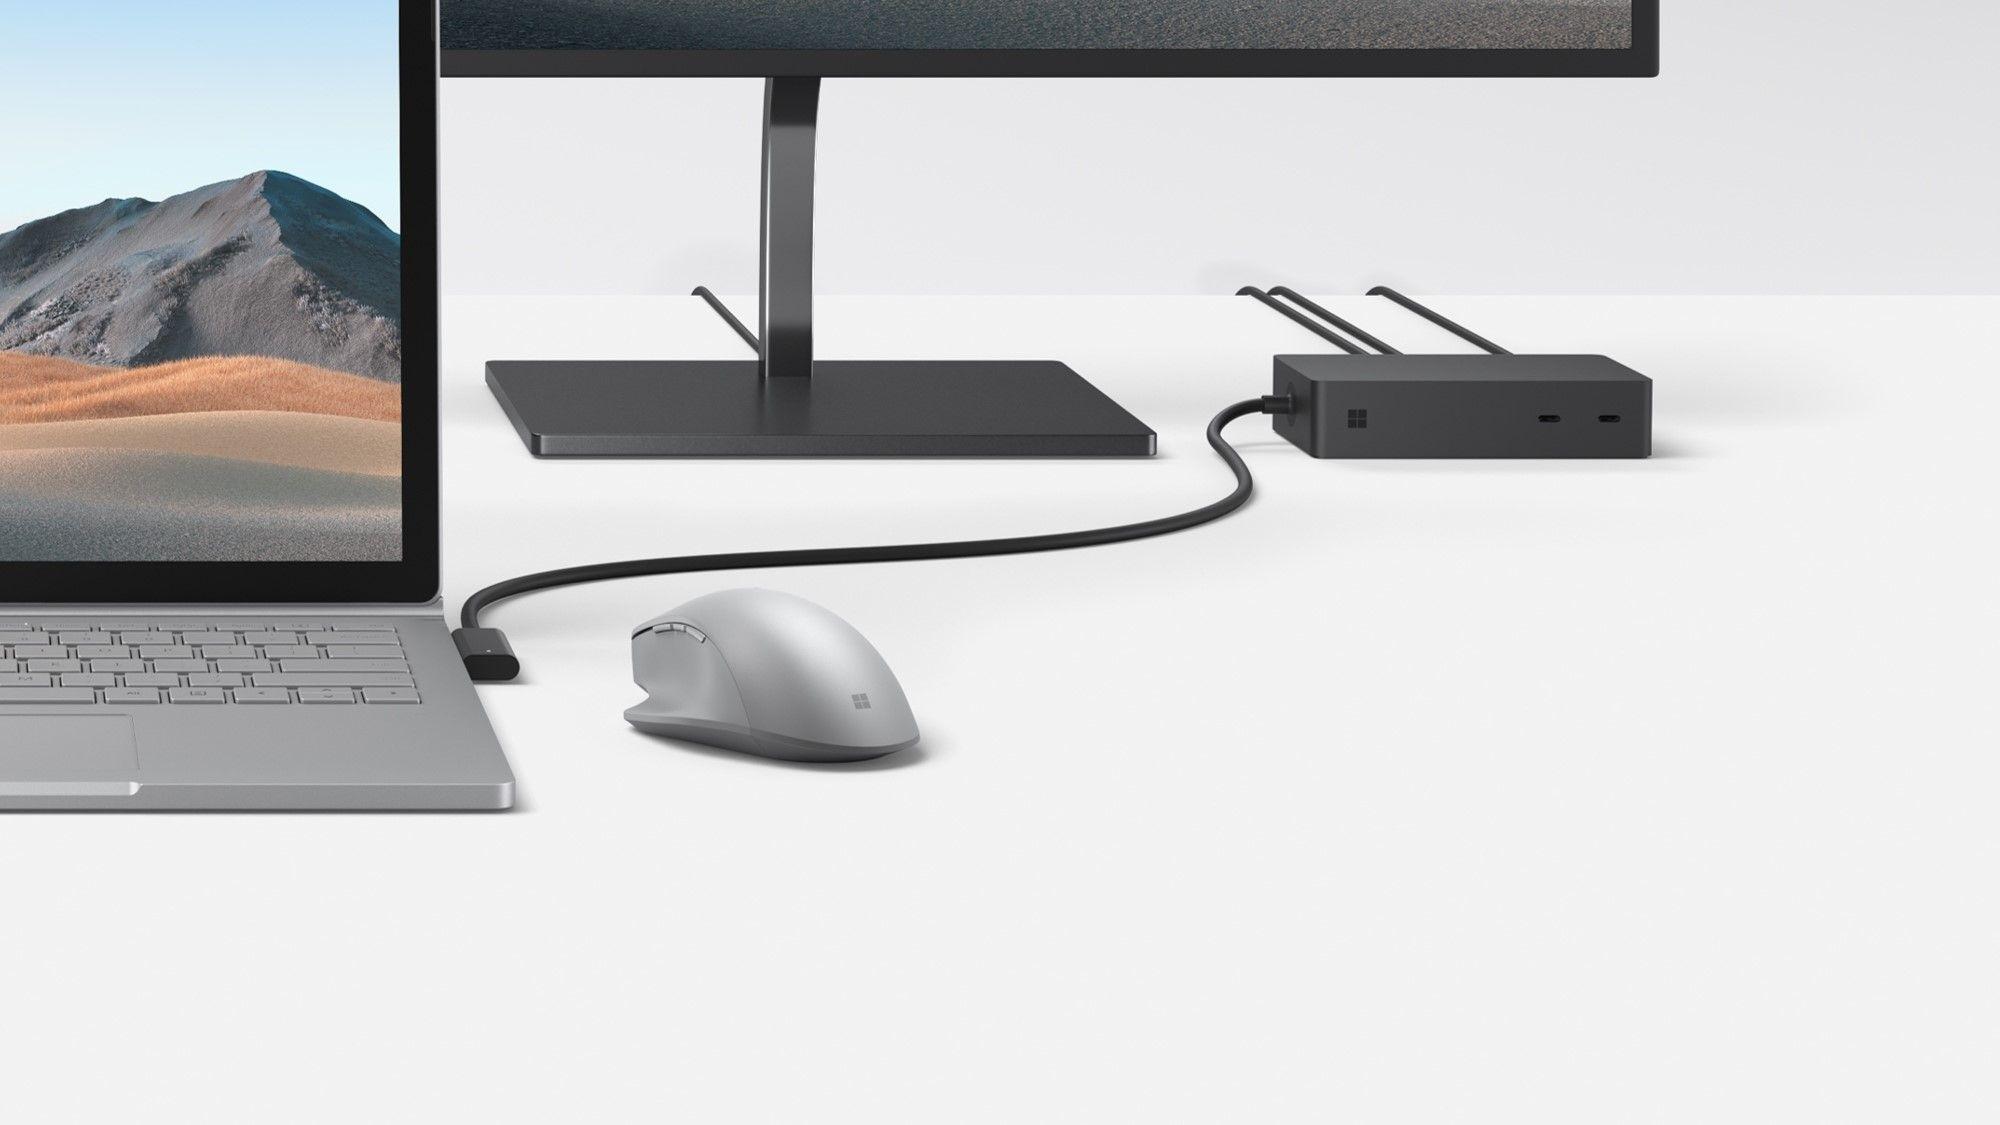 Das Surface Dock 2 verbindet an einem Arbeitsplatz das Surface Book 3 mit einem externen Monitor